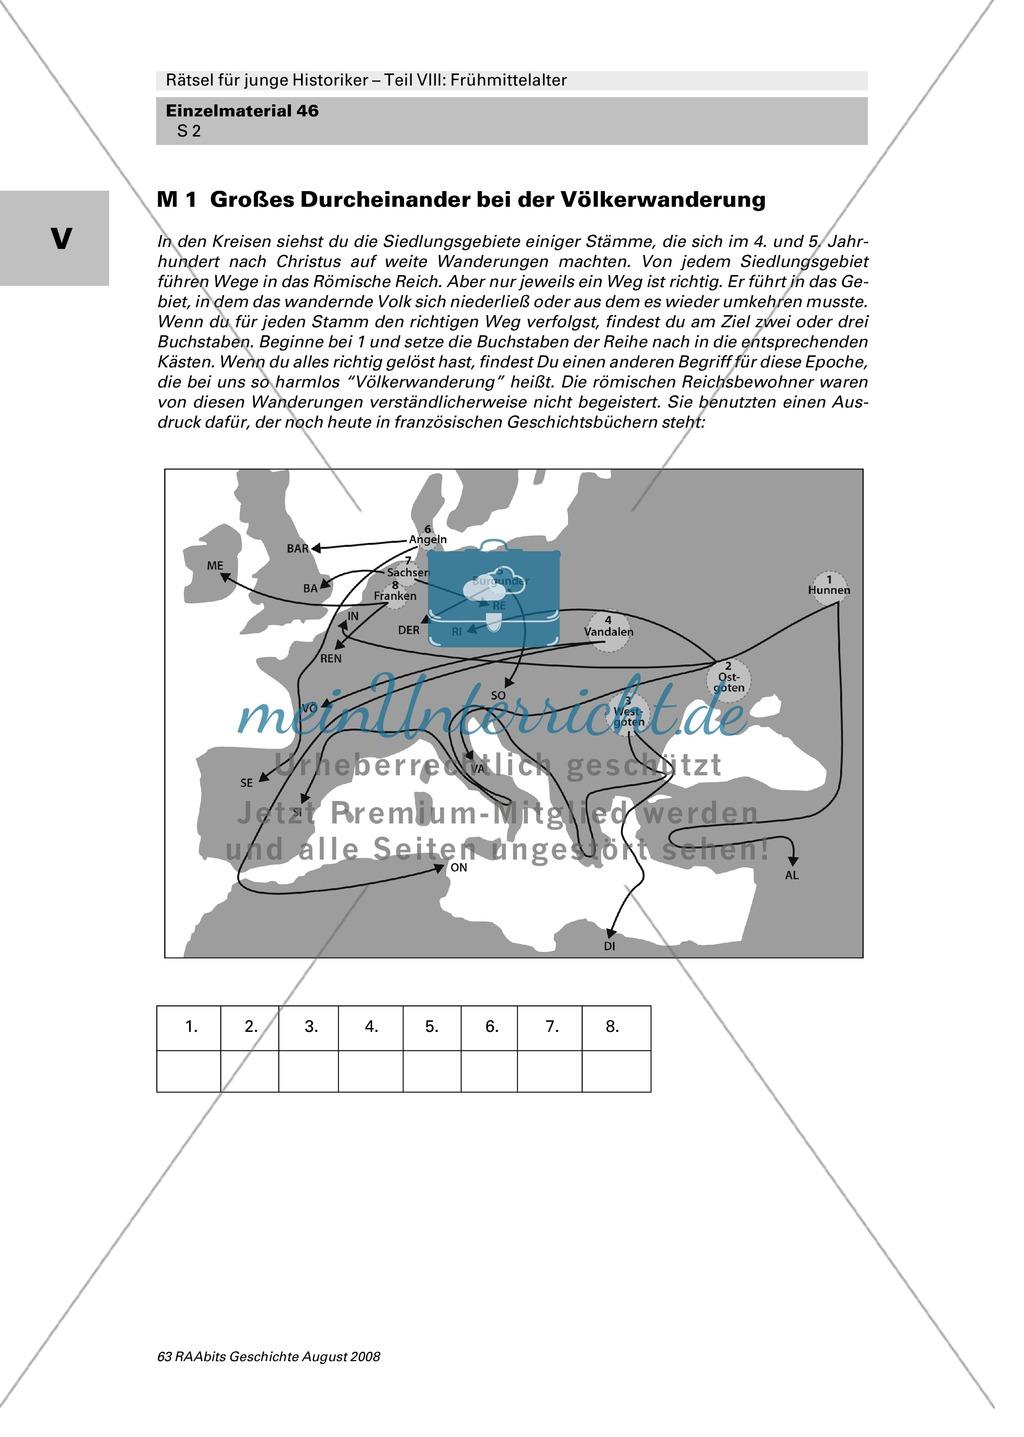 Rätselsammlung Frühmittelalter: Zuordnungsbildrätsel Völkerwanderung Preview 0